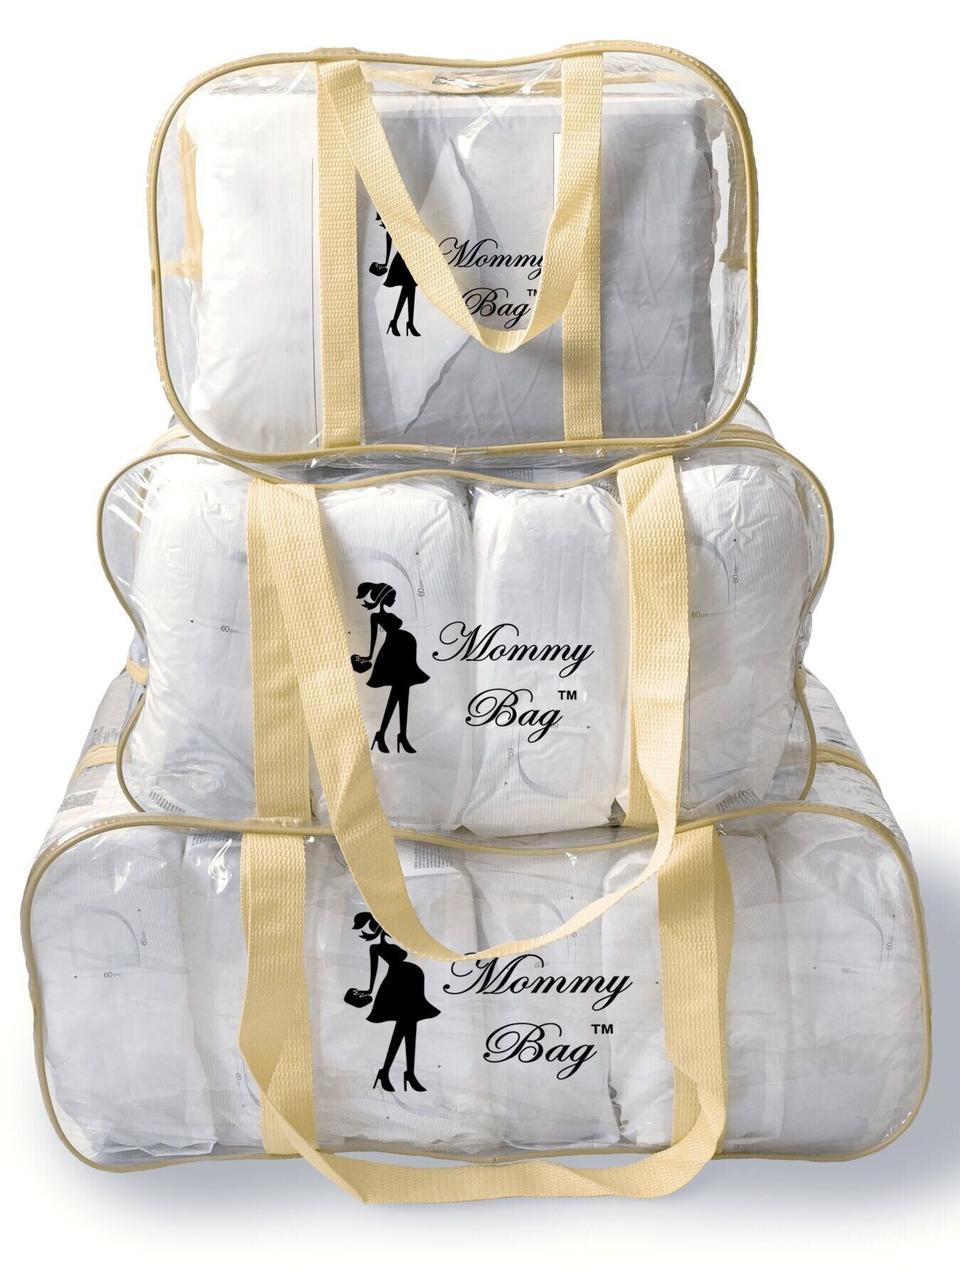 Набор из прозрачных сумок в роддом Mommy Bag, размеры - S, M, L, цвет - Бежевый